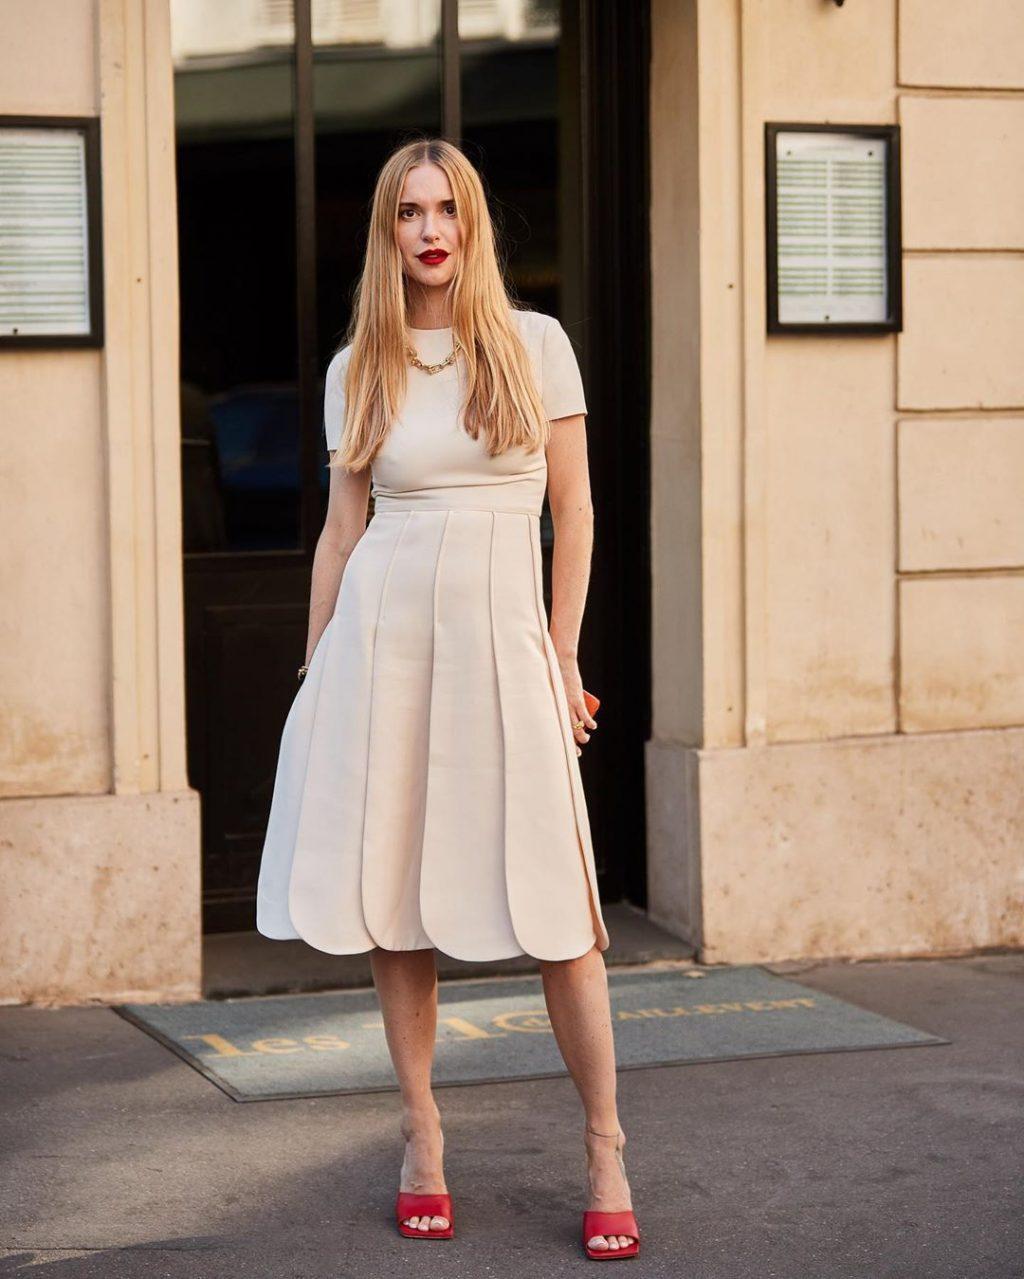 Fashionista mặc váy trắng đi giày mũi vuông màu đỏ